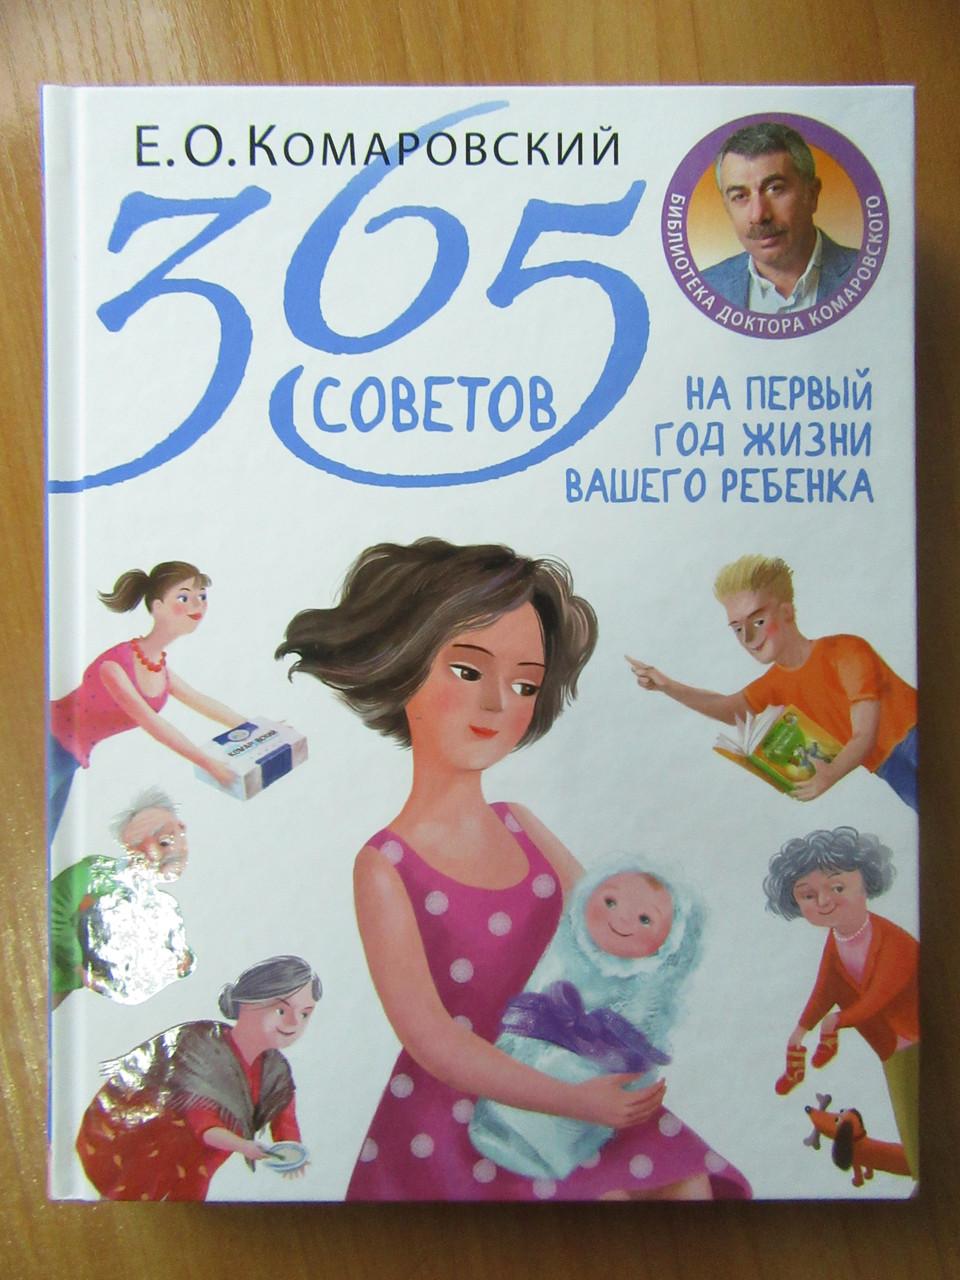 Е.О.Комаровский. 365 советов на первый год жизни ребёнка